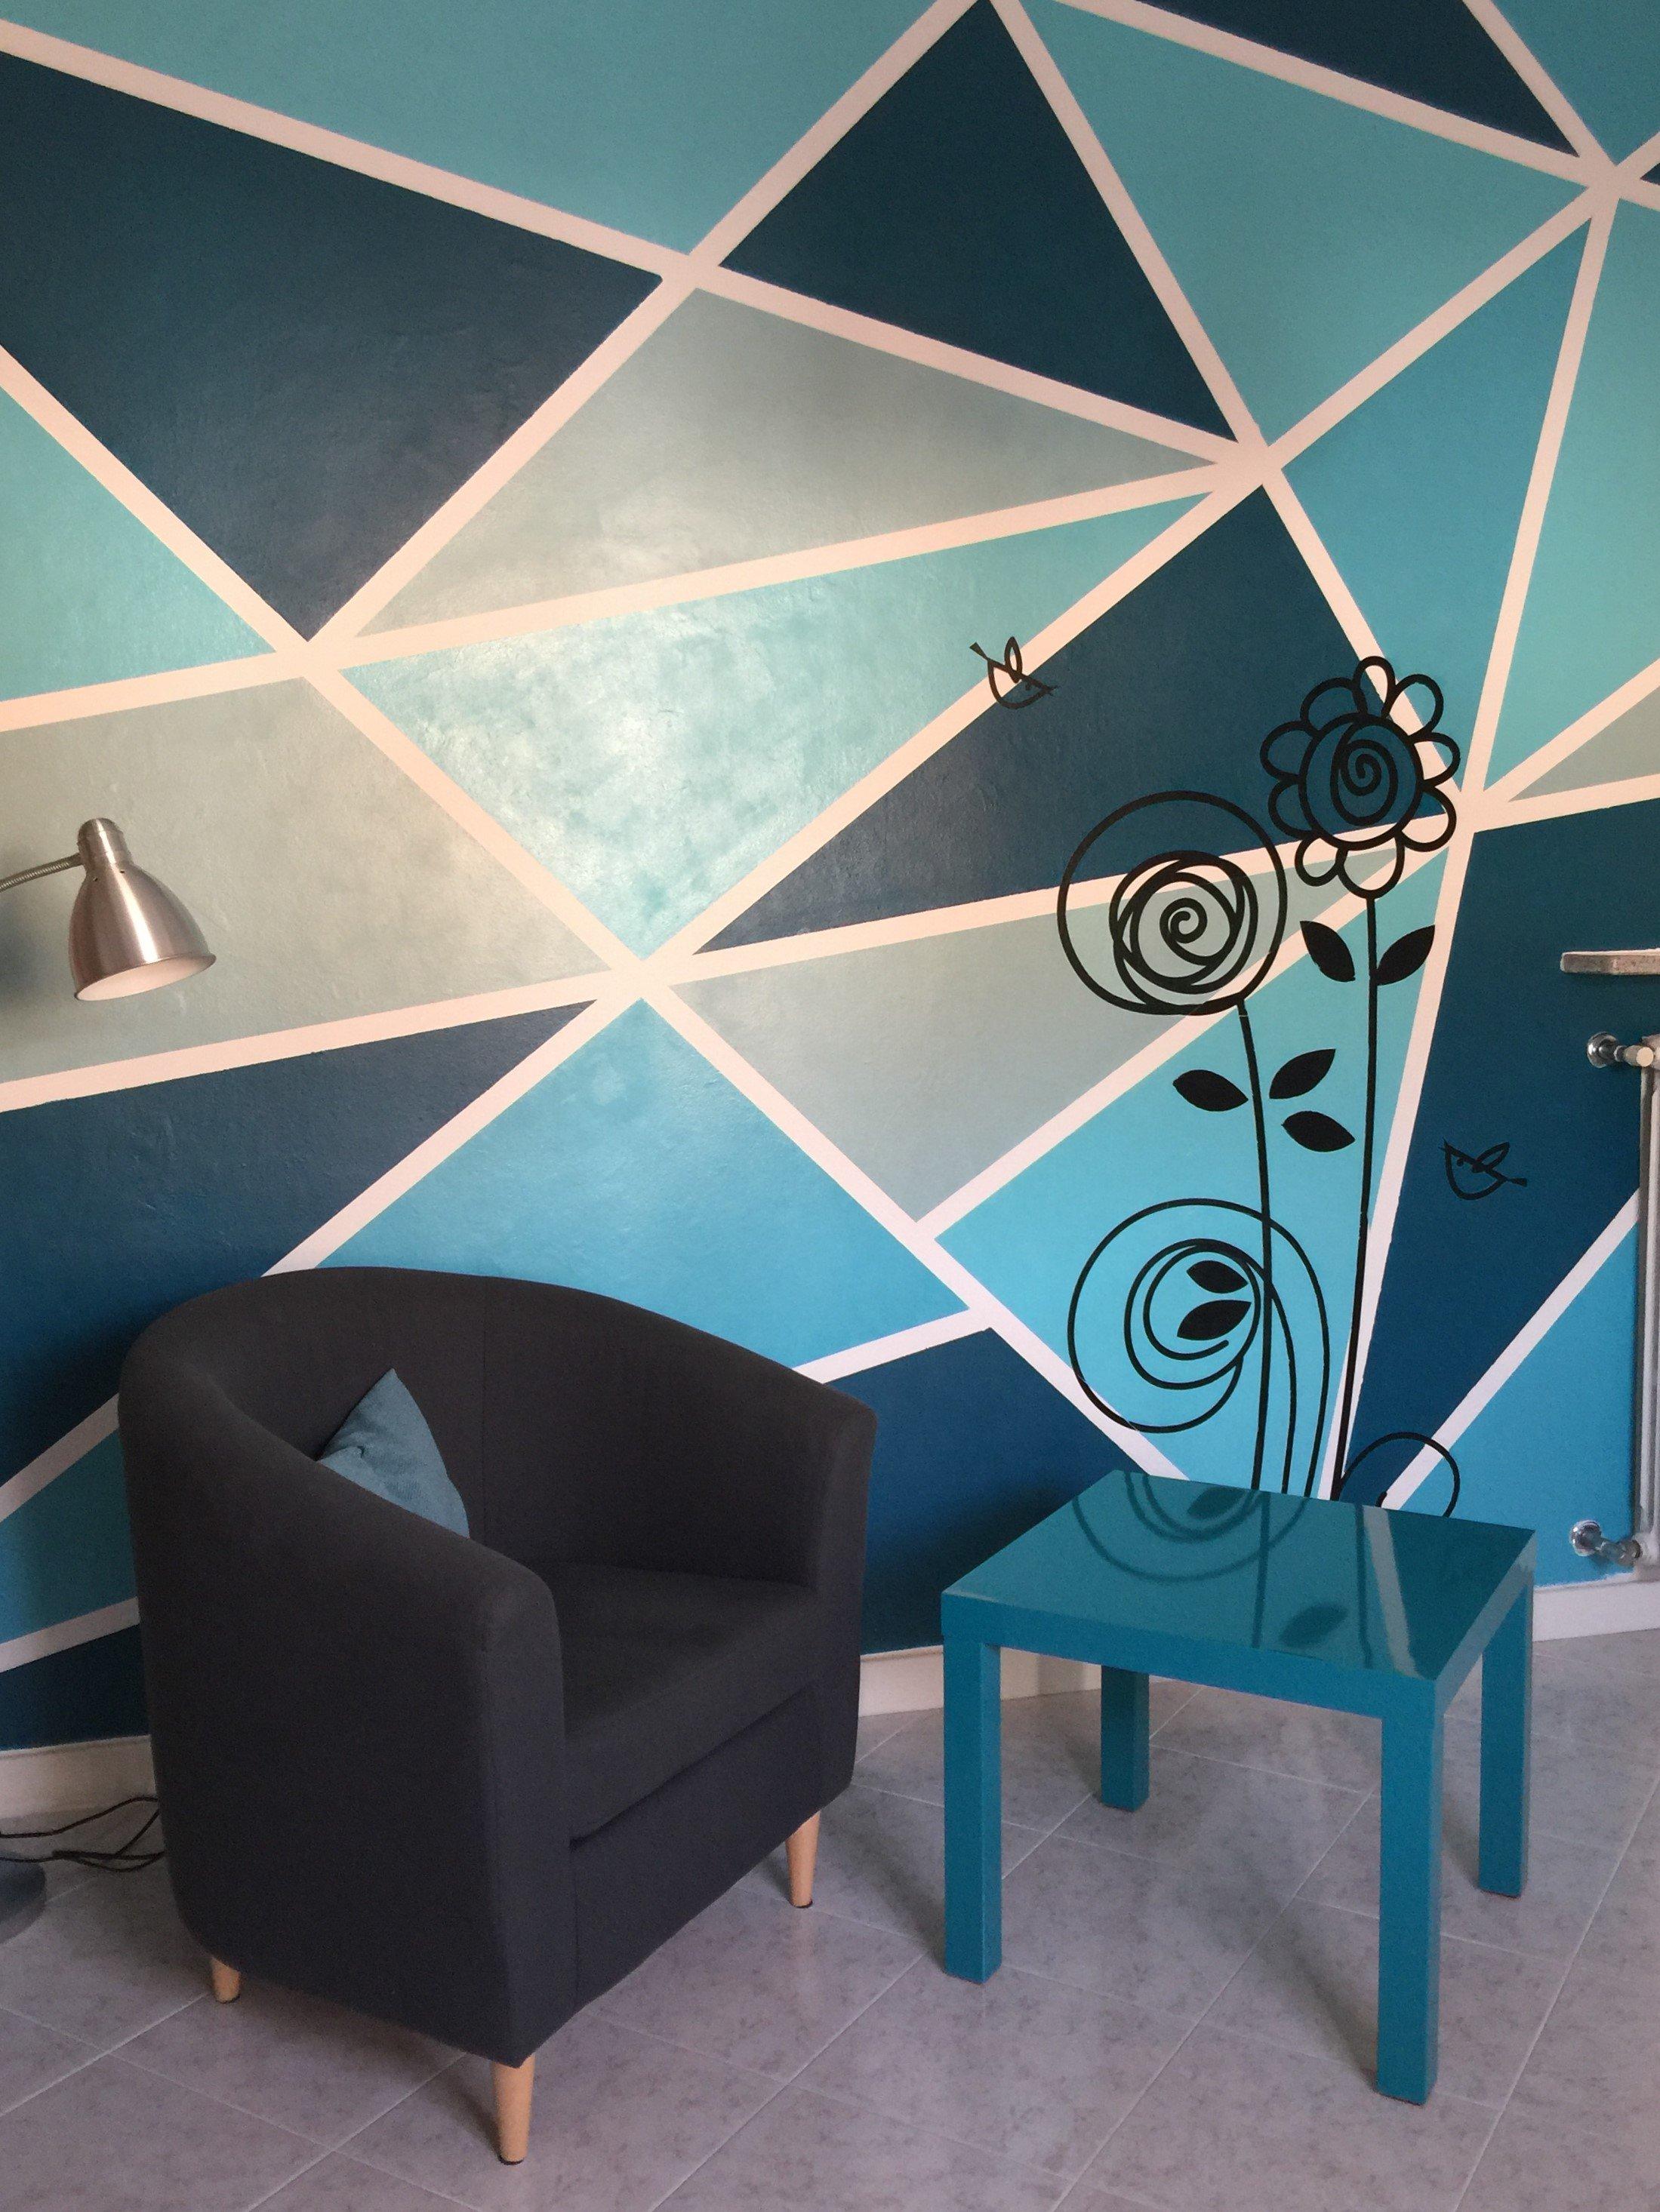 Tinteggiare la parete con una decorazione geometrica for Decorazioni a parete